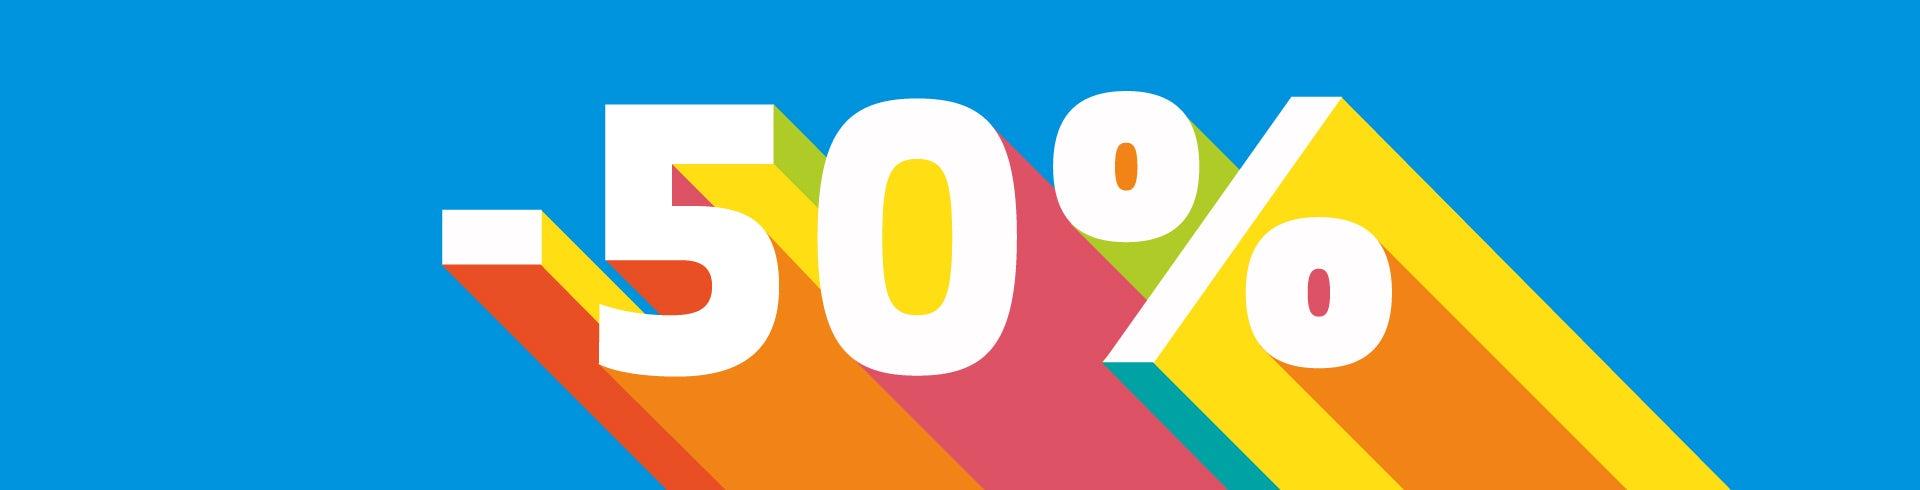 Saldi -50%